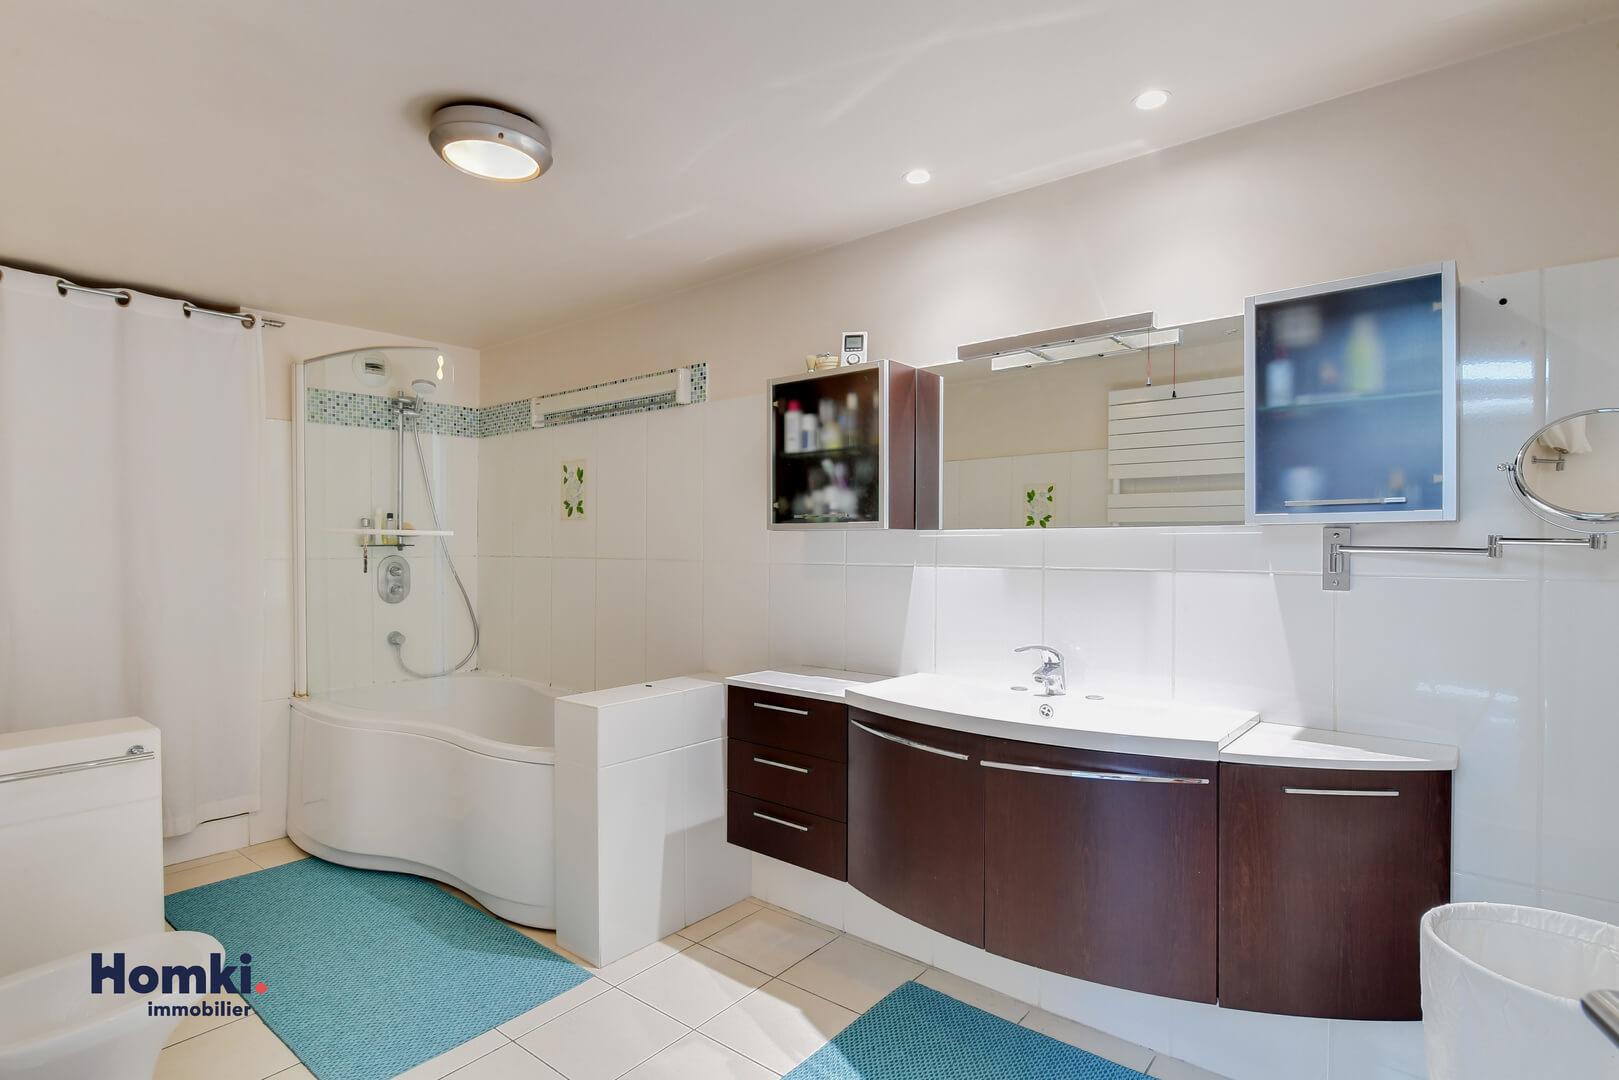 Vente appartement duplex Antibes 06600 T4 90m²_7